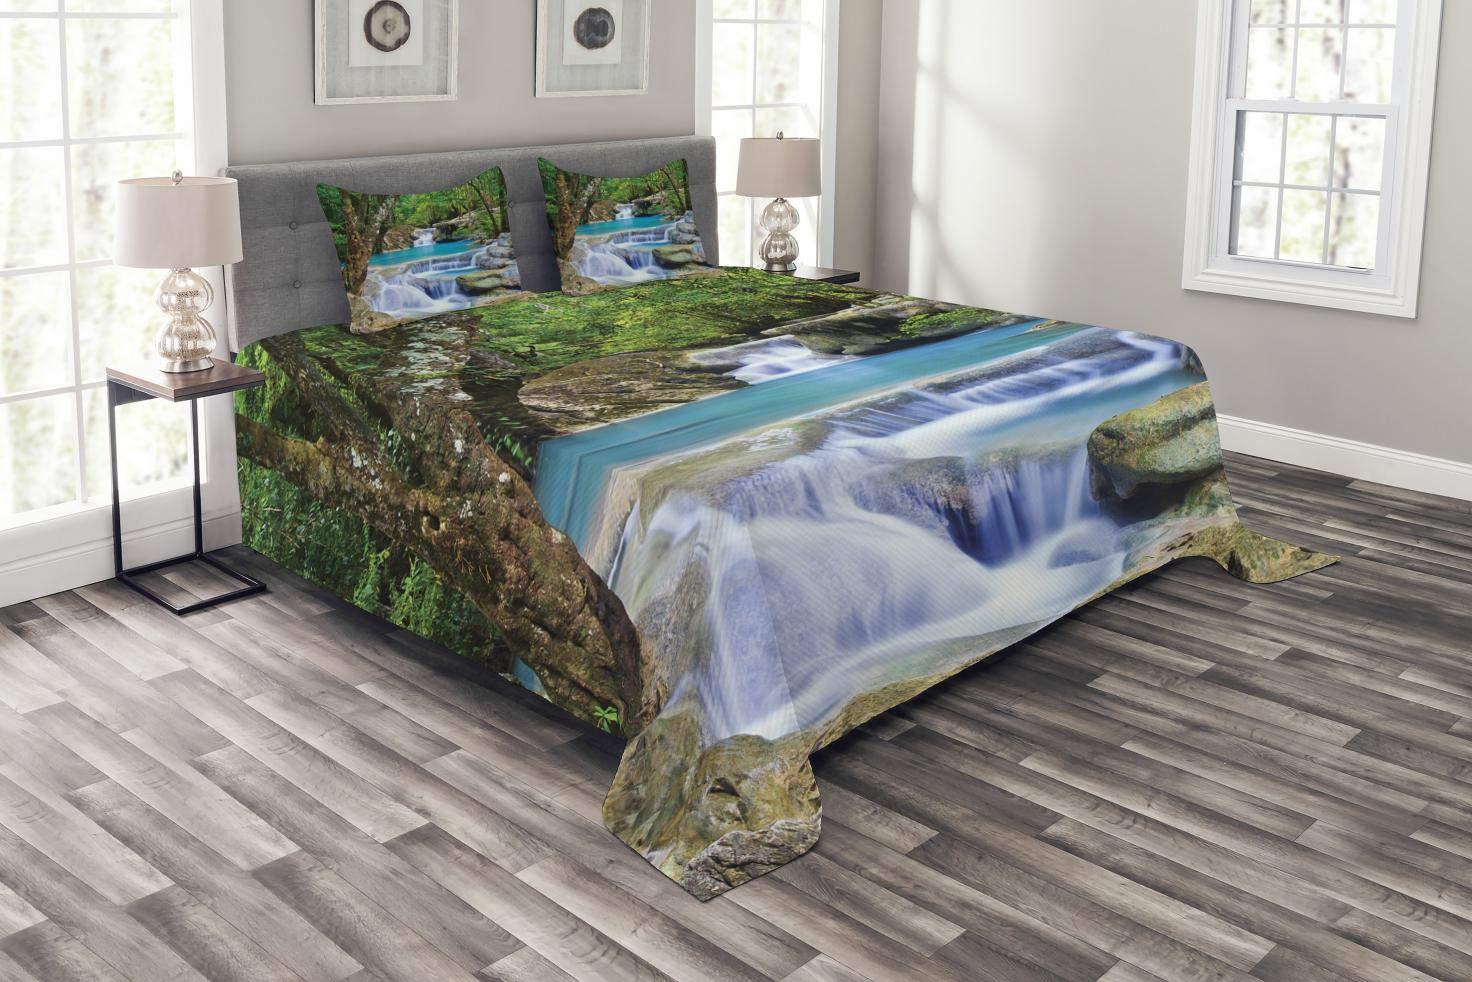 Abakuhaus Wasserfall Tagesdecke Set, Felsen in See mit Wasserfall, Set mit Kissenbezügen Klare Farben, für Doppelbetten 220 x 220 cm, Braun Grün Blau